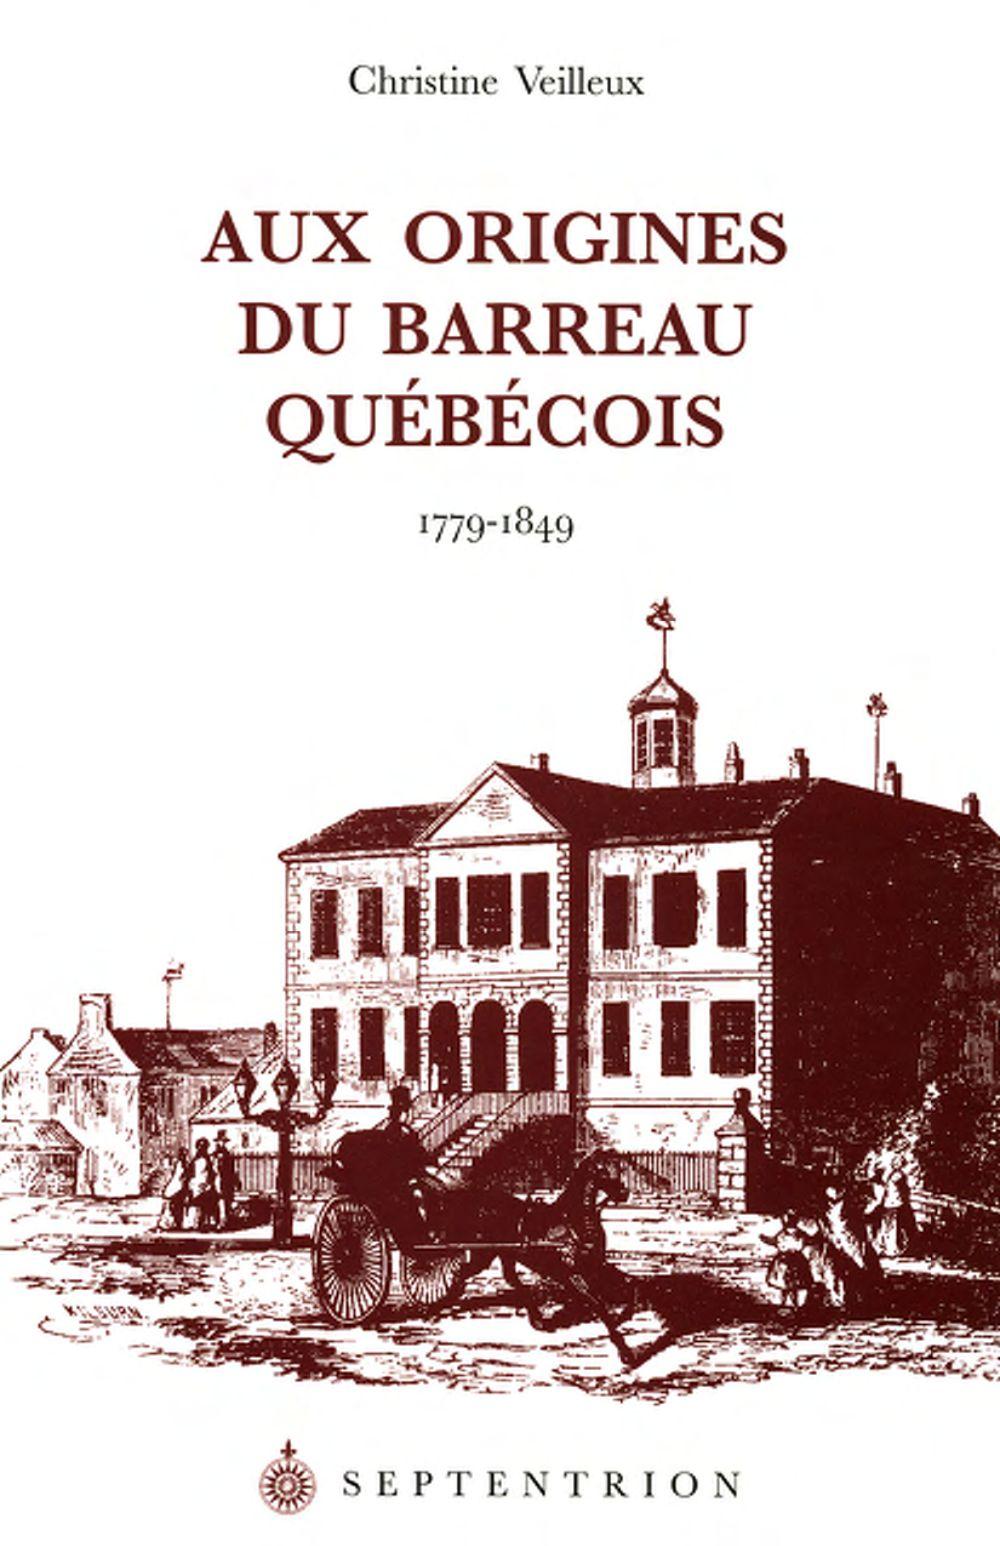 Aux origines du Barreau québécois, 1799-1849